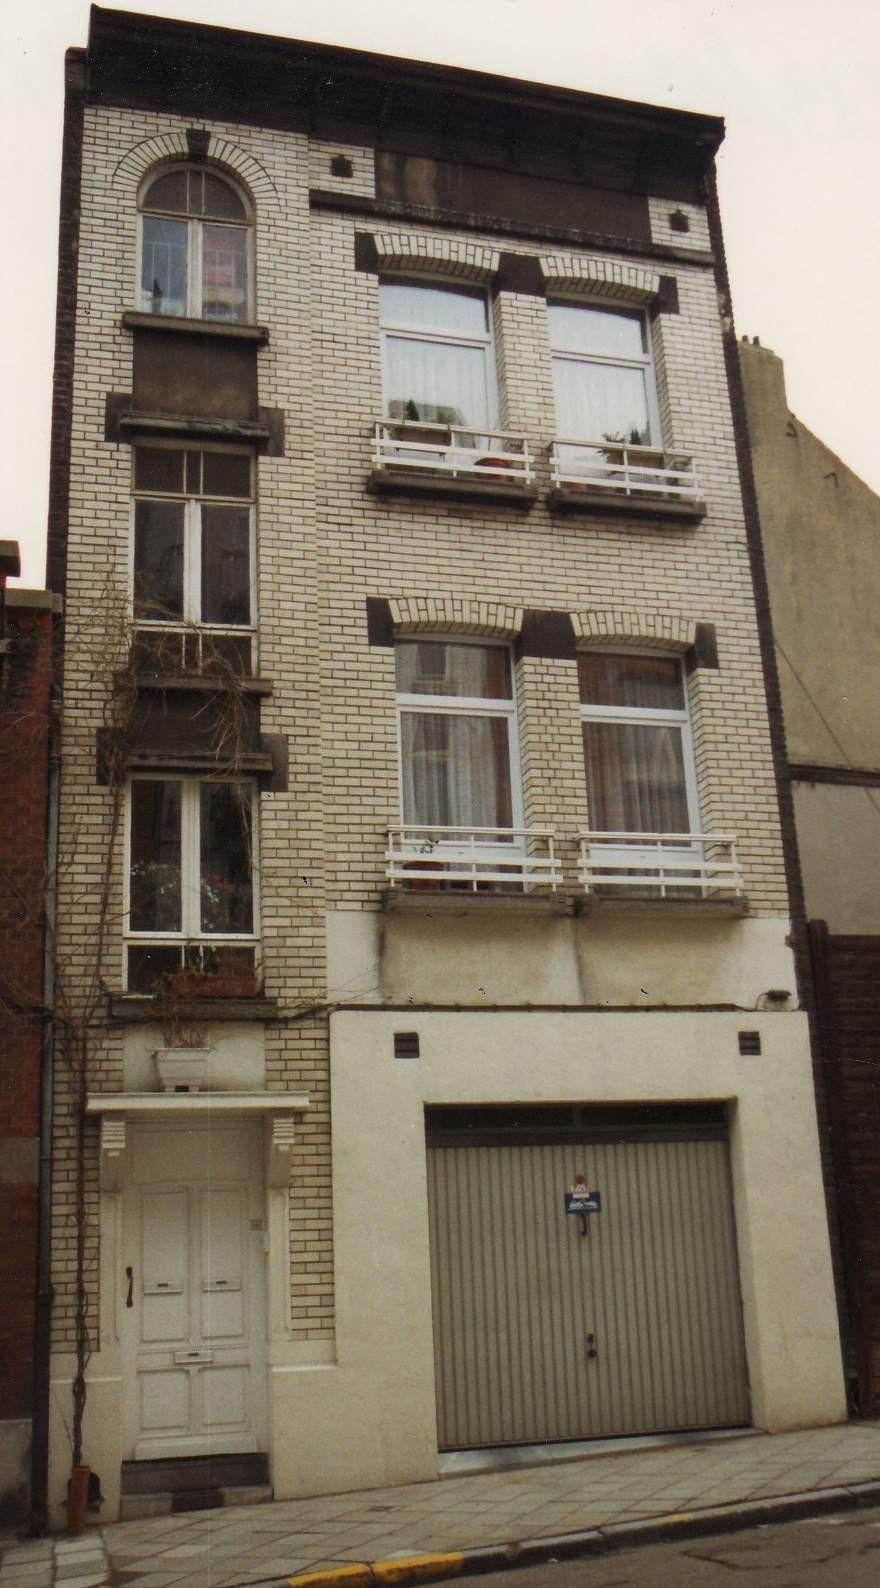 Rue de Haerne 66., 1993